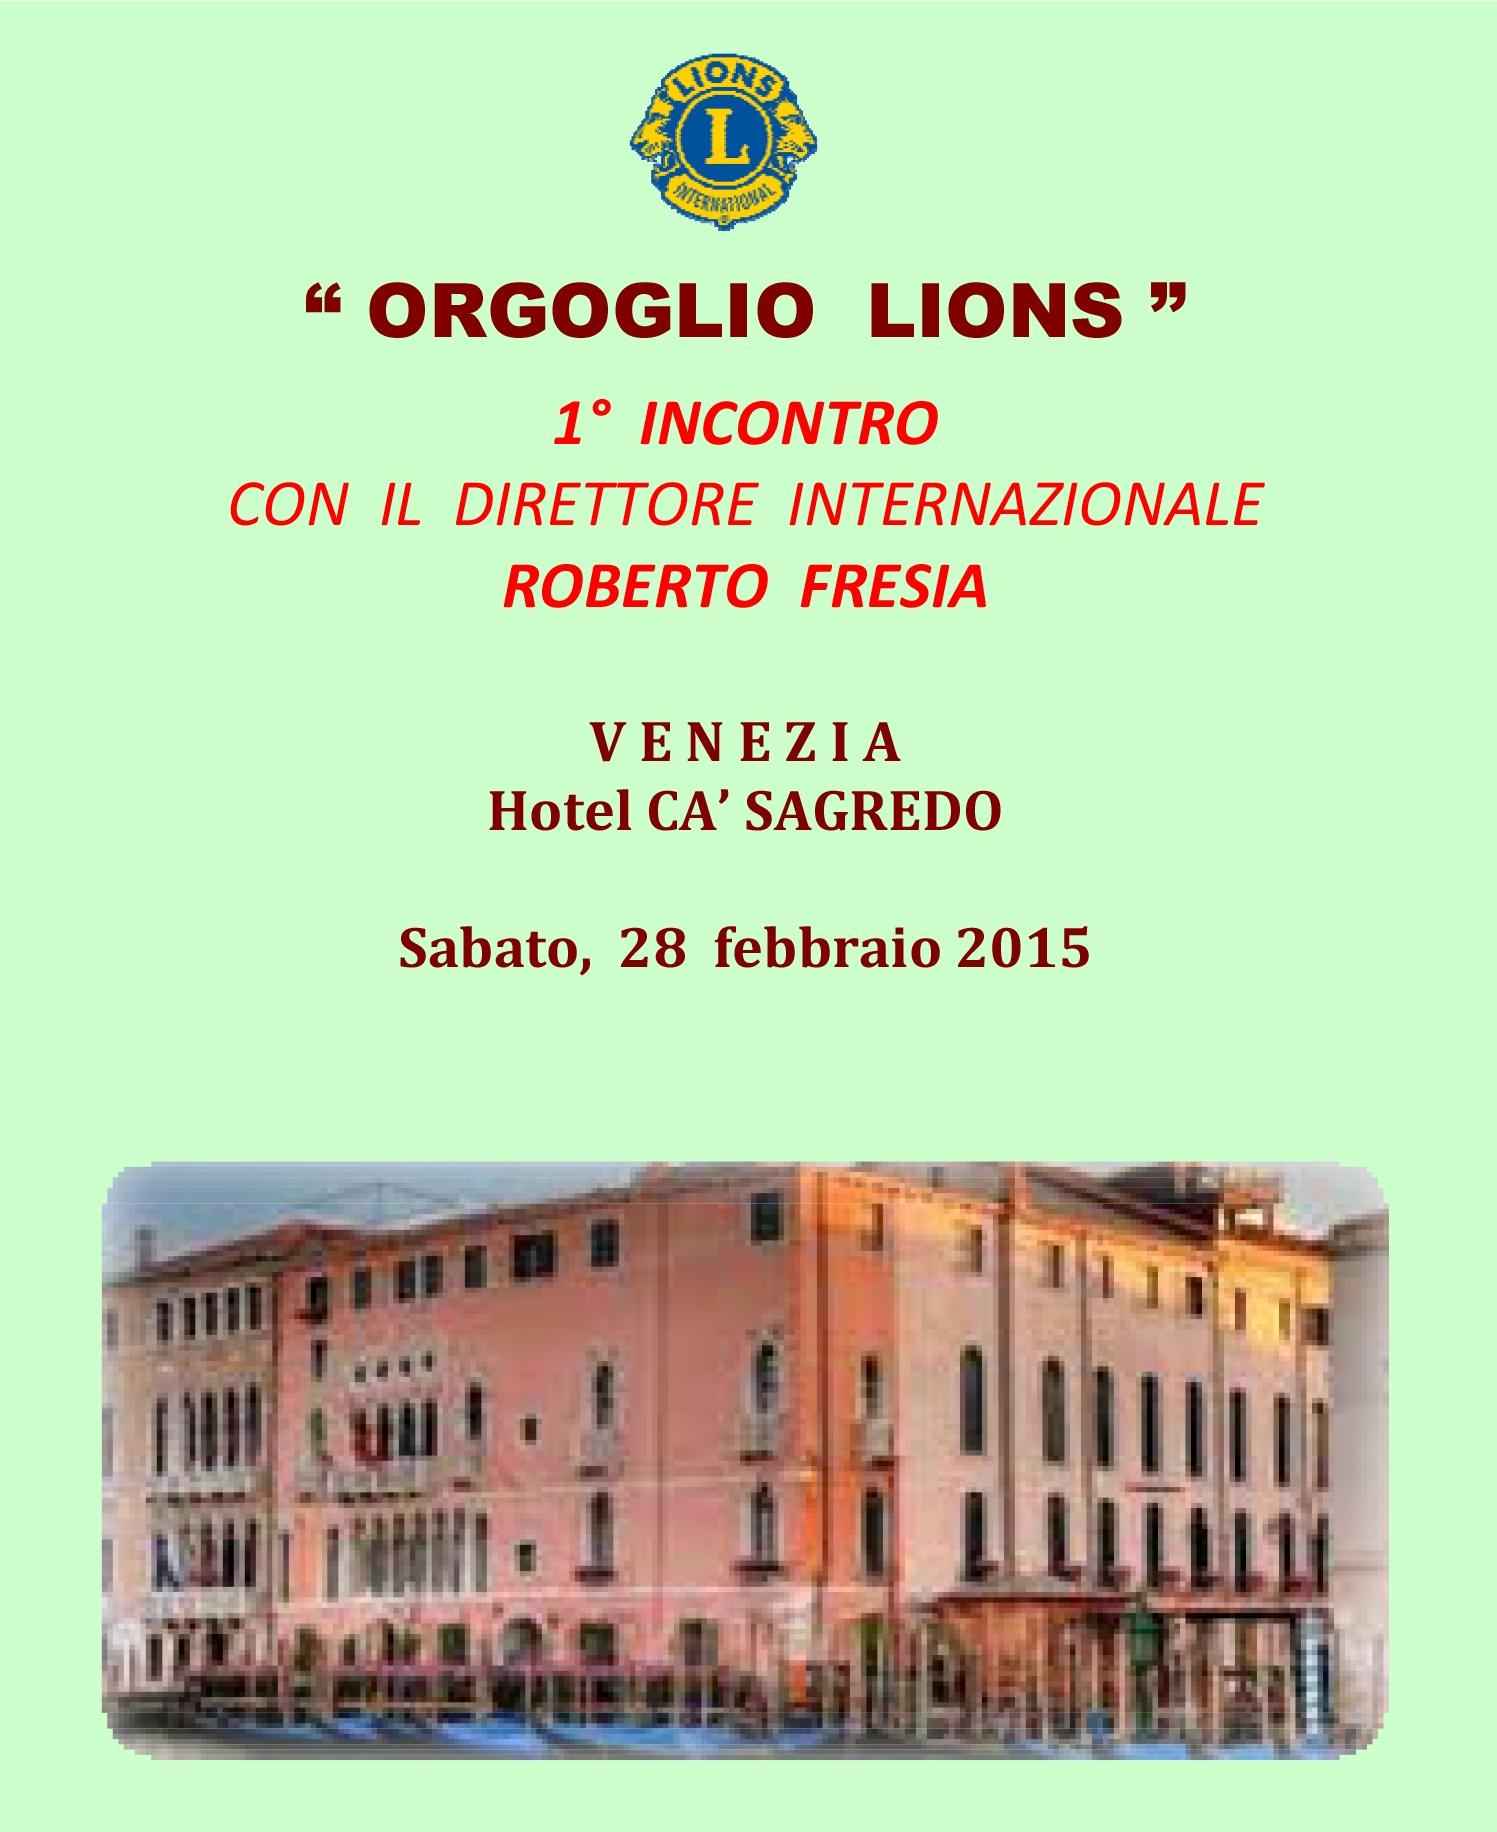 VENEZIA HOST: 1° incontro con Roberto Fresia, Direttore Internazionale